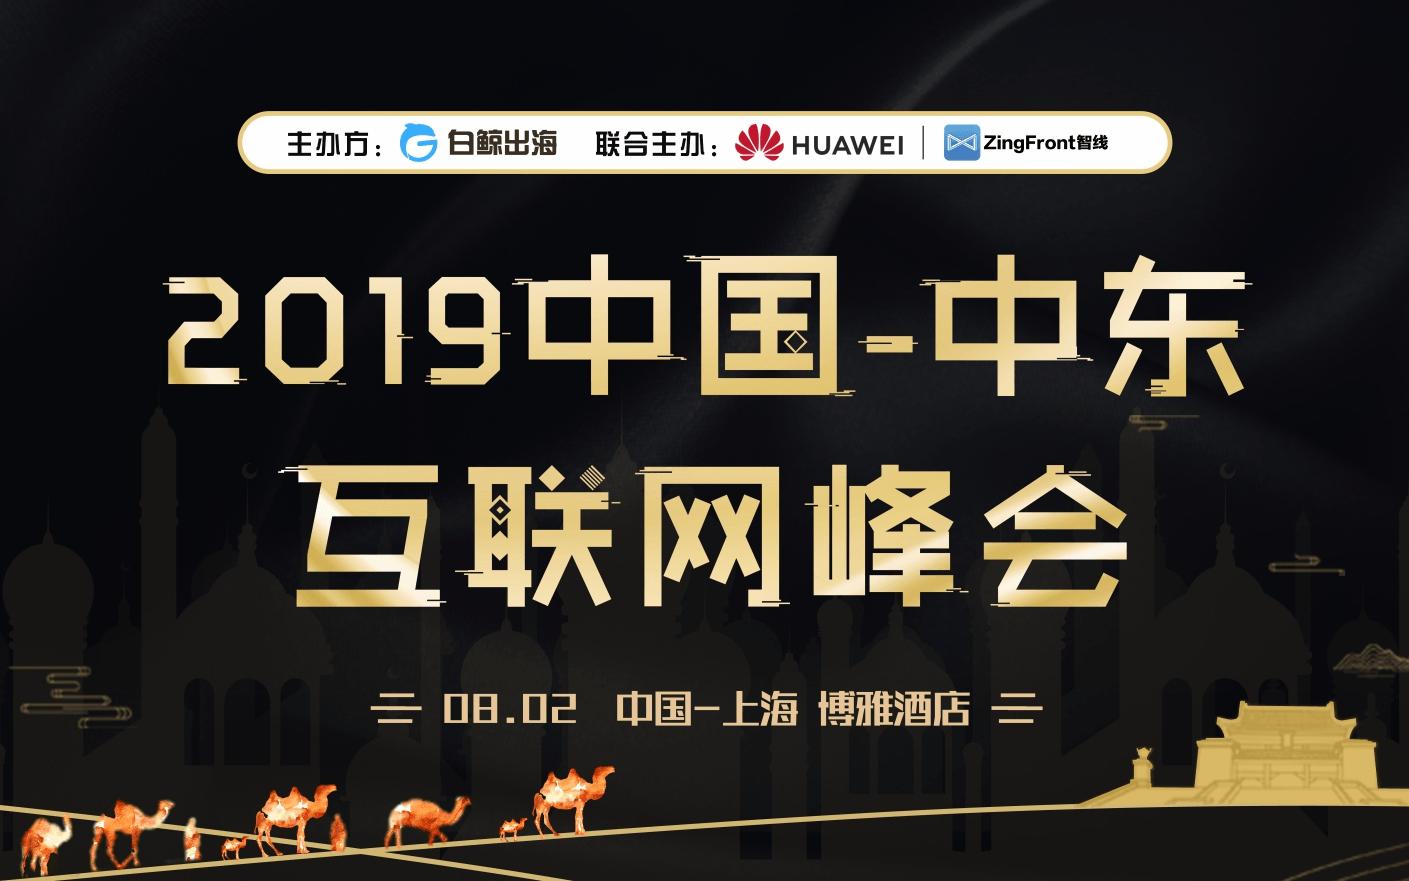 2019中国-中东互联网峰会(上海)